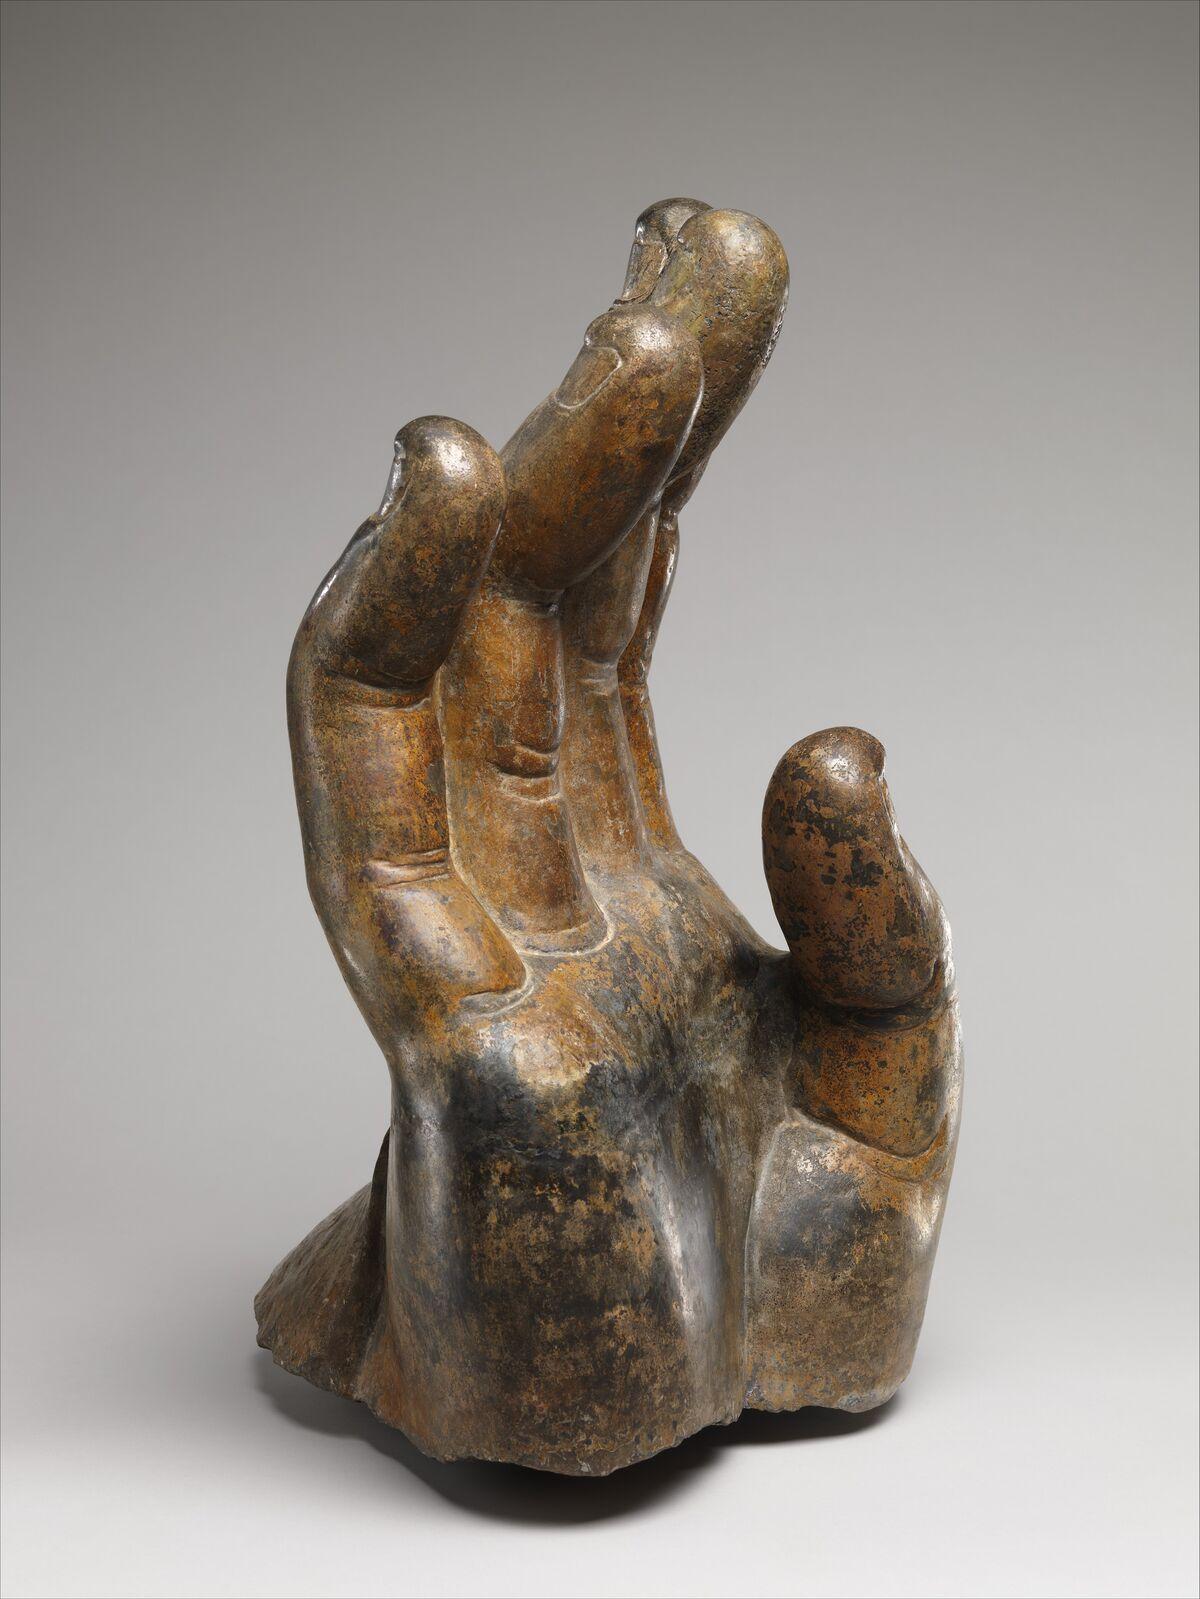 北齊 北響堂山北窟 石雕佛手 (石灰岩) , Right Hand of Buddha, ca. 550–560, China (Northern Xiangtangshan, North Cave). Courtesy of The Metropolitan Museum of Art.